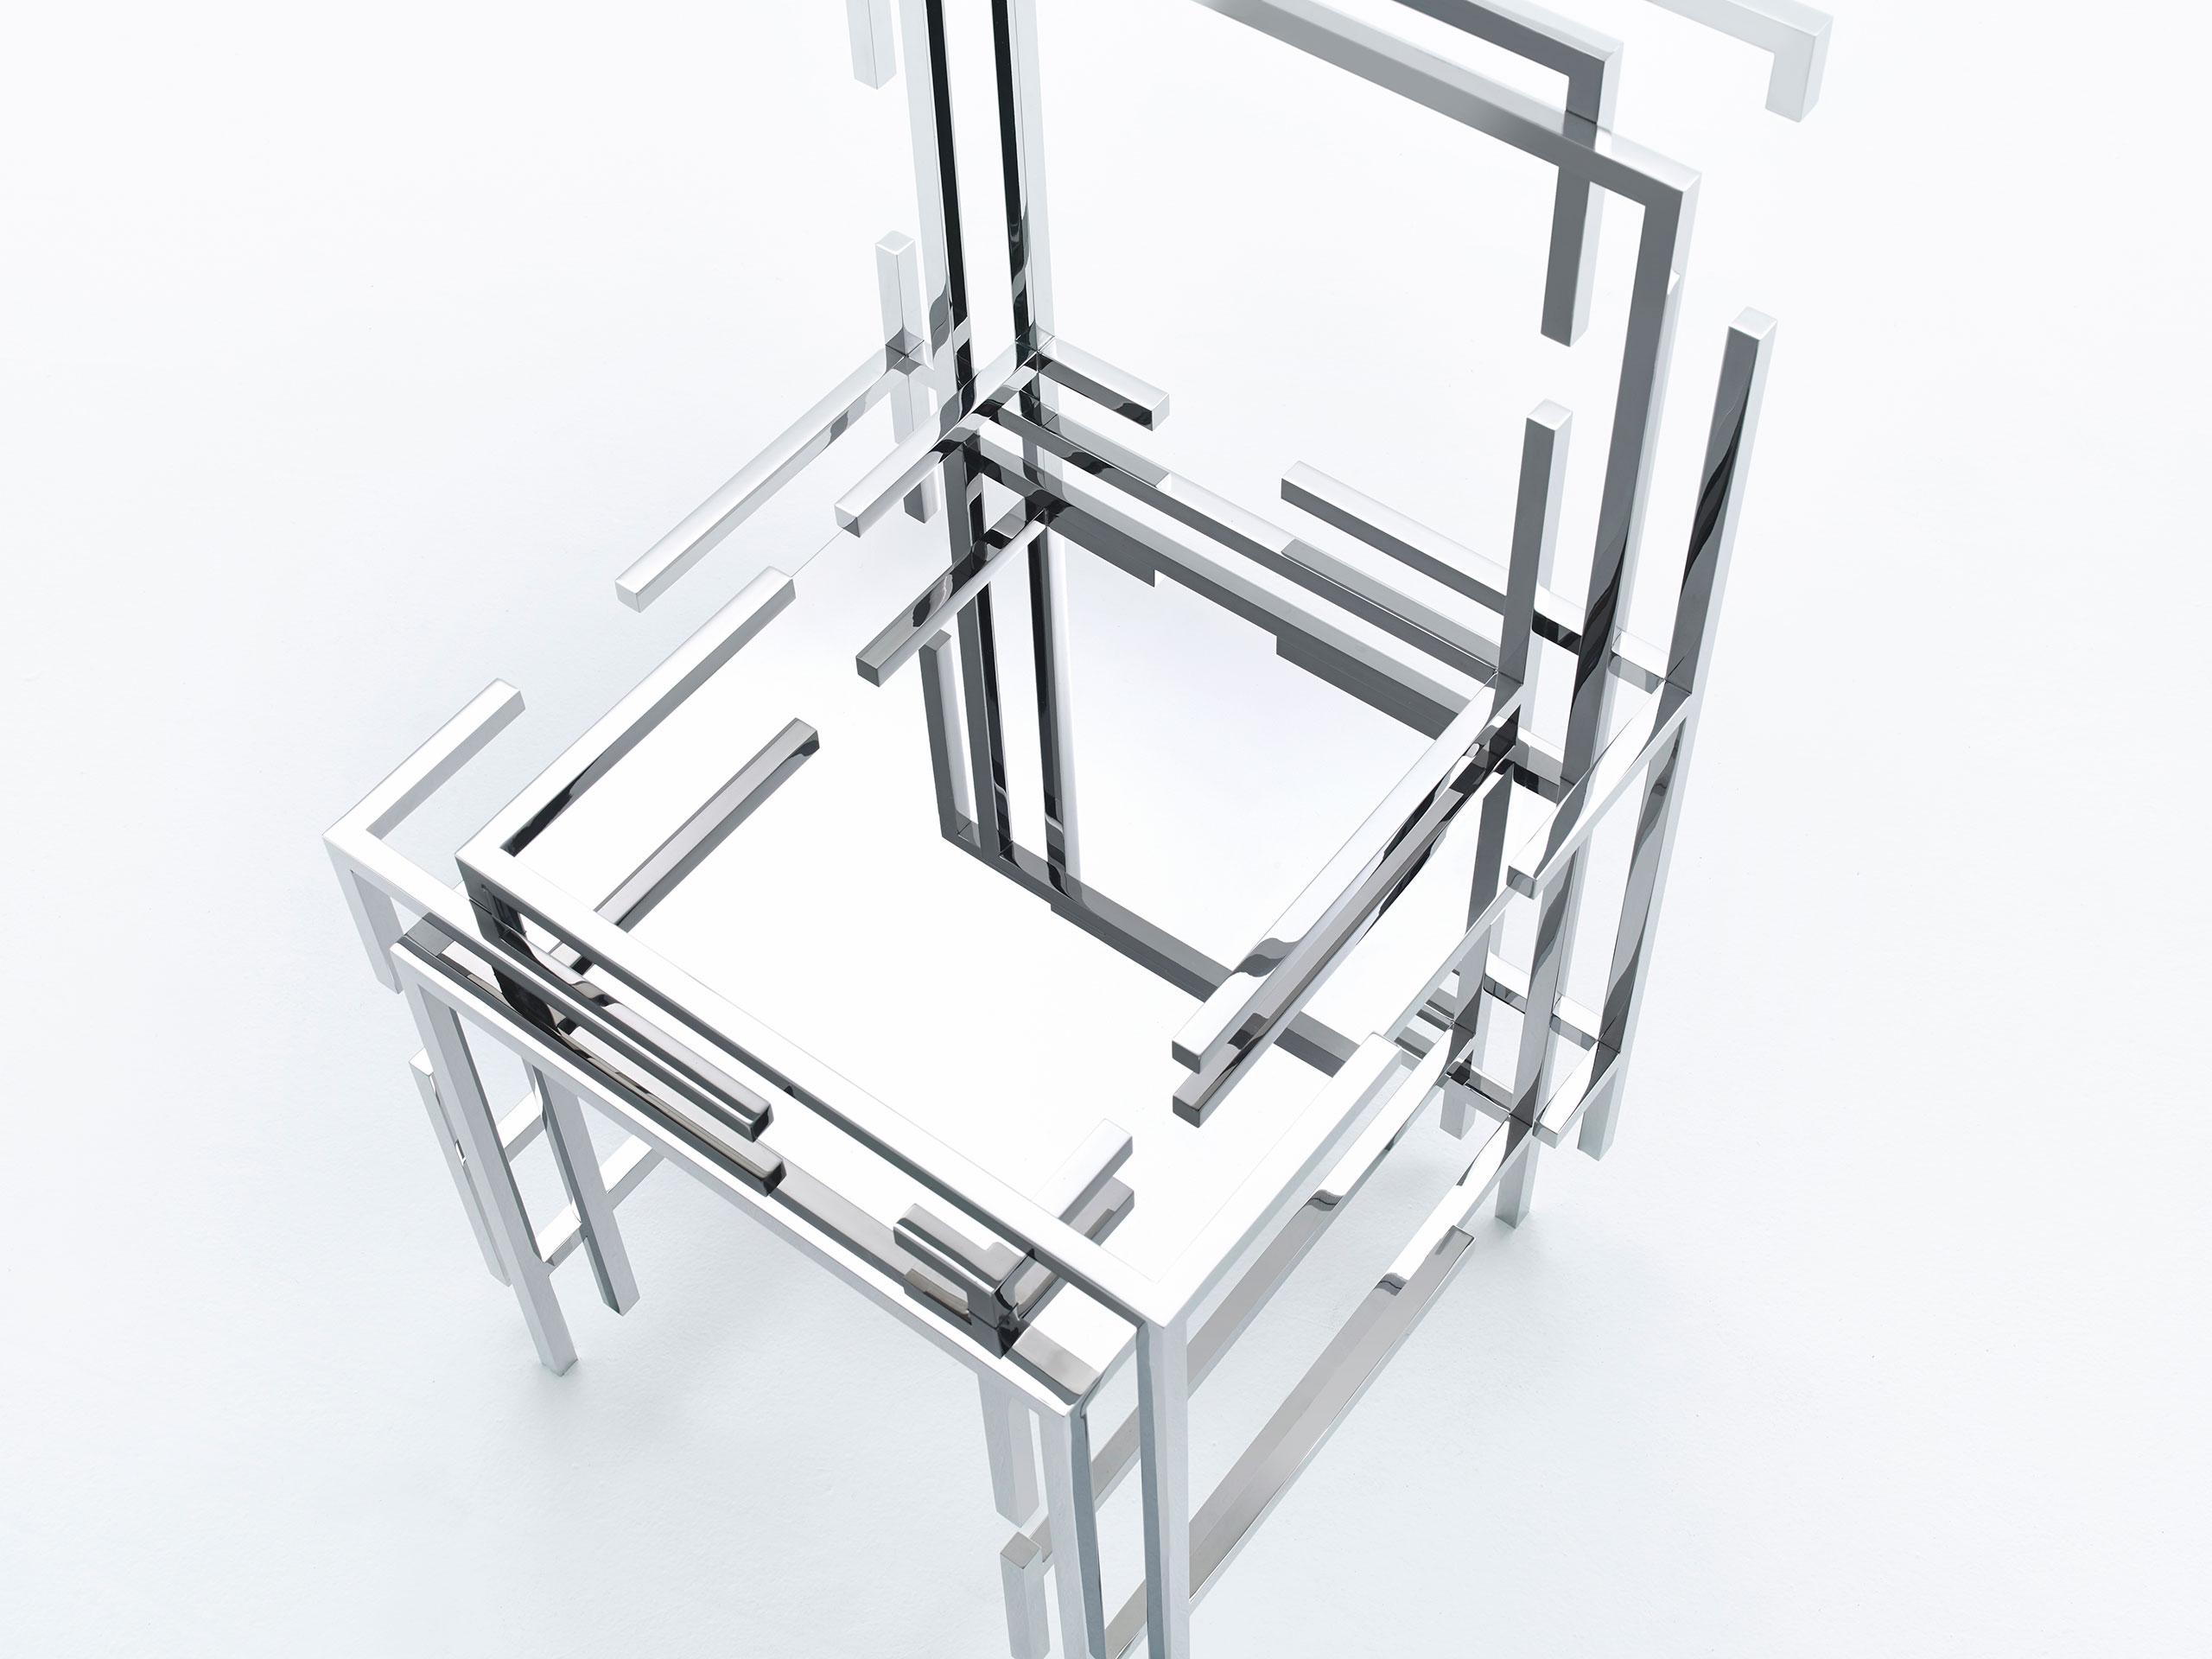 p7_50_manga_chairs_nendo_for_friedman_benda_photo_kenichi_sonehara_yatzer